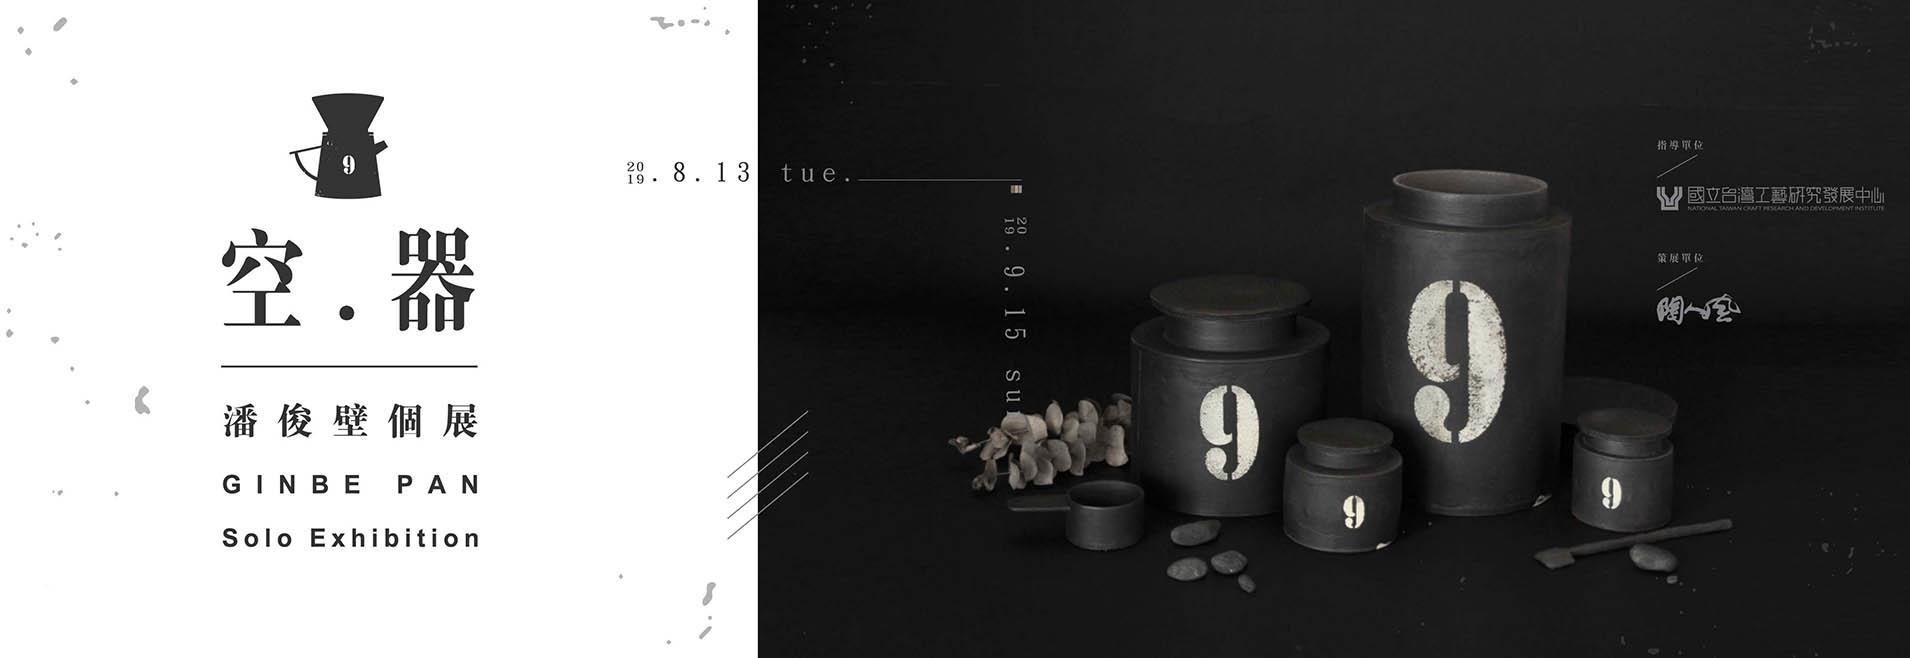 空.器—潘俊壁 Ginbe Pan個展[另開新視窗]